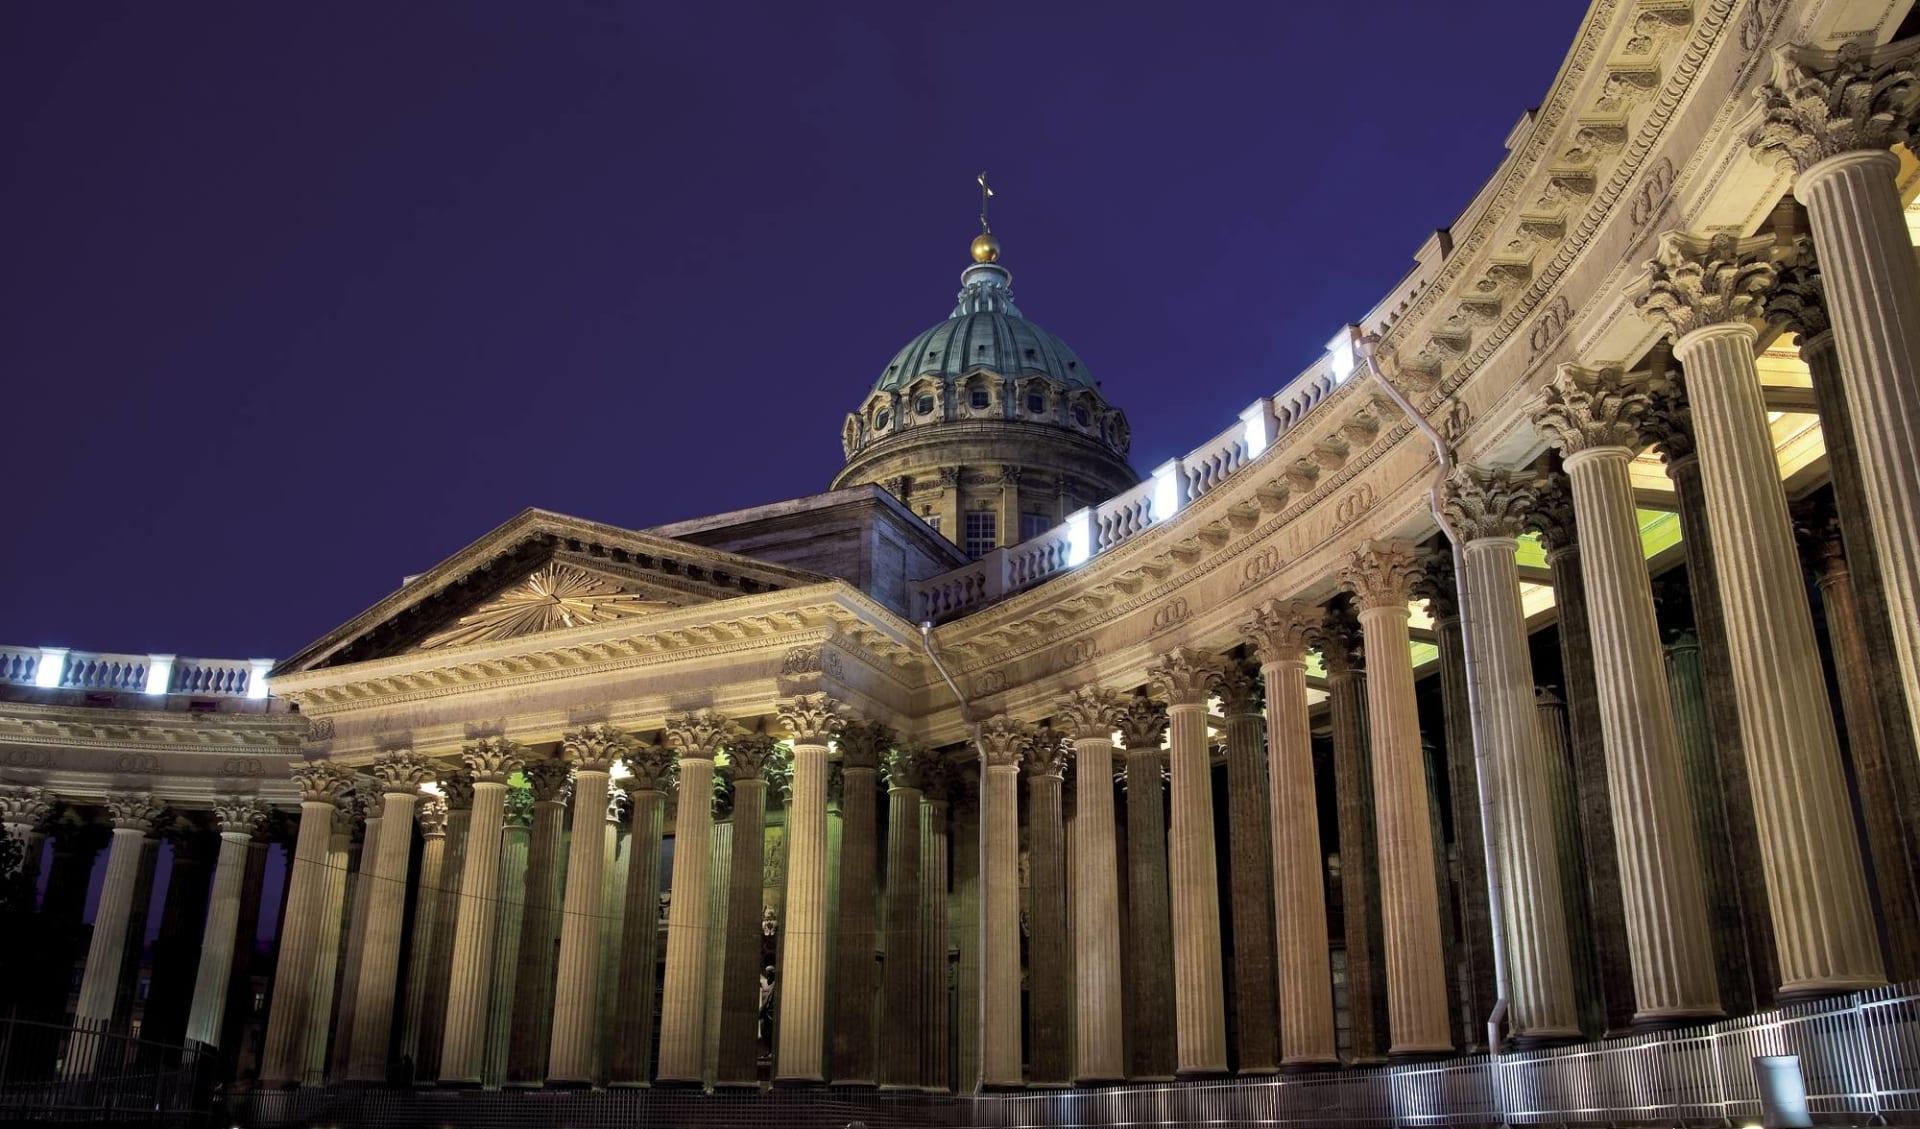 Golden Eagle, Luxuriös auf der Suche nach den Nordlichtern ab St. Petersburg: St. Petersburg Isaaks Kathedrale Abend